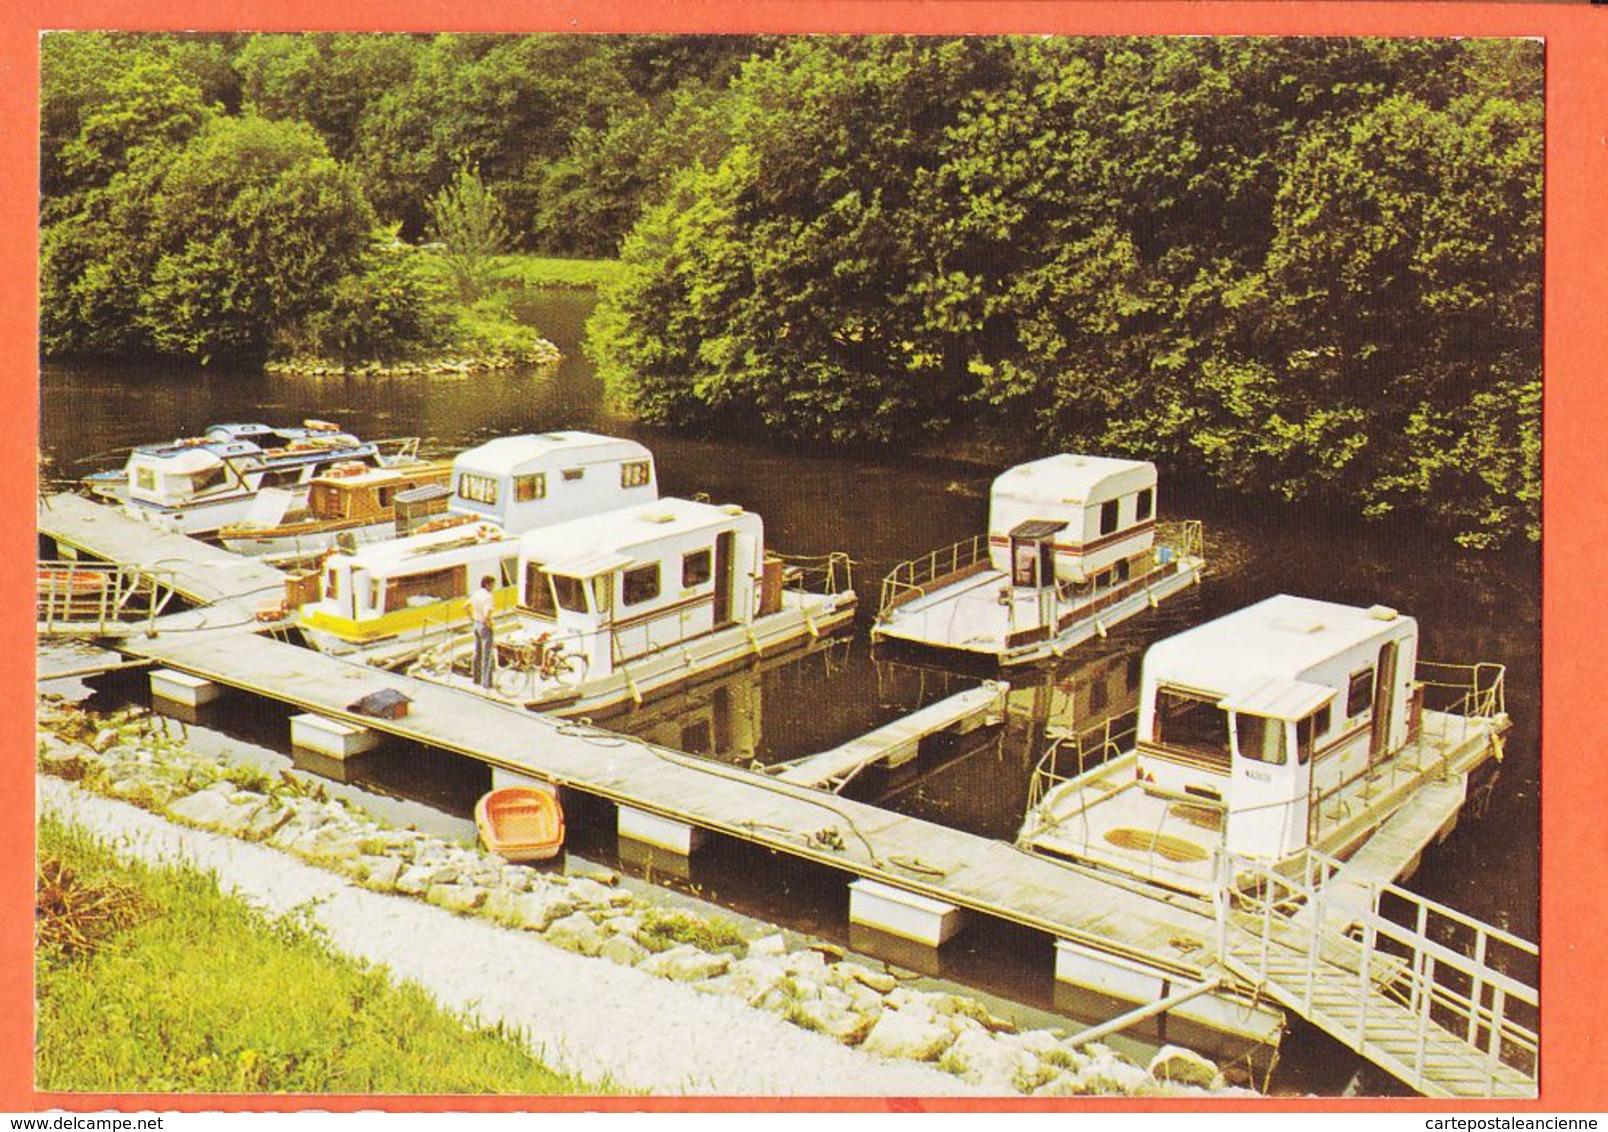 X29147 CHATEAUNEUF-DU-FAOU 29-Morbihan Le Portsur Le Canal De NANTES à BREST Ponton Bac Caravanes 1975s JOS LE DOARE - Châteauneuf-du-Faou